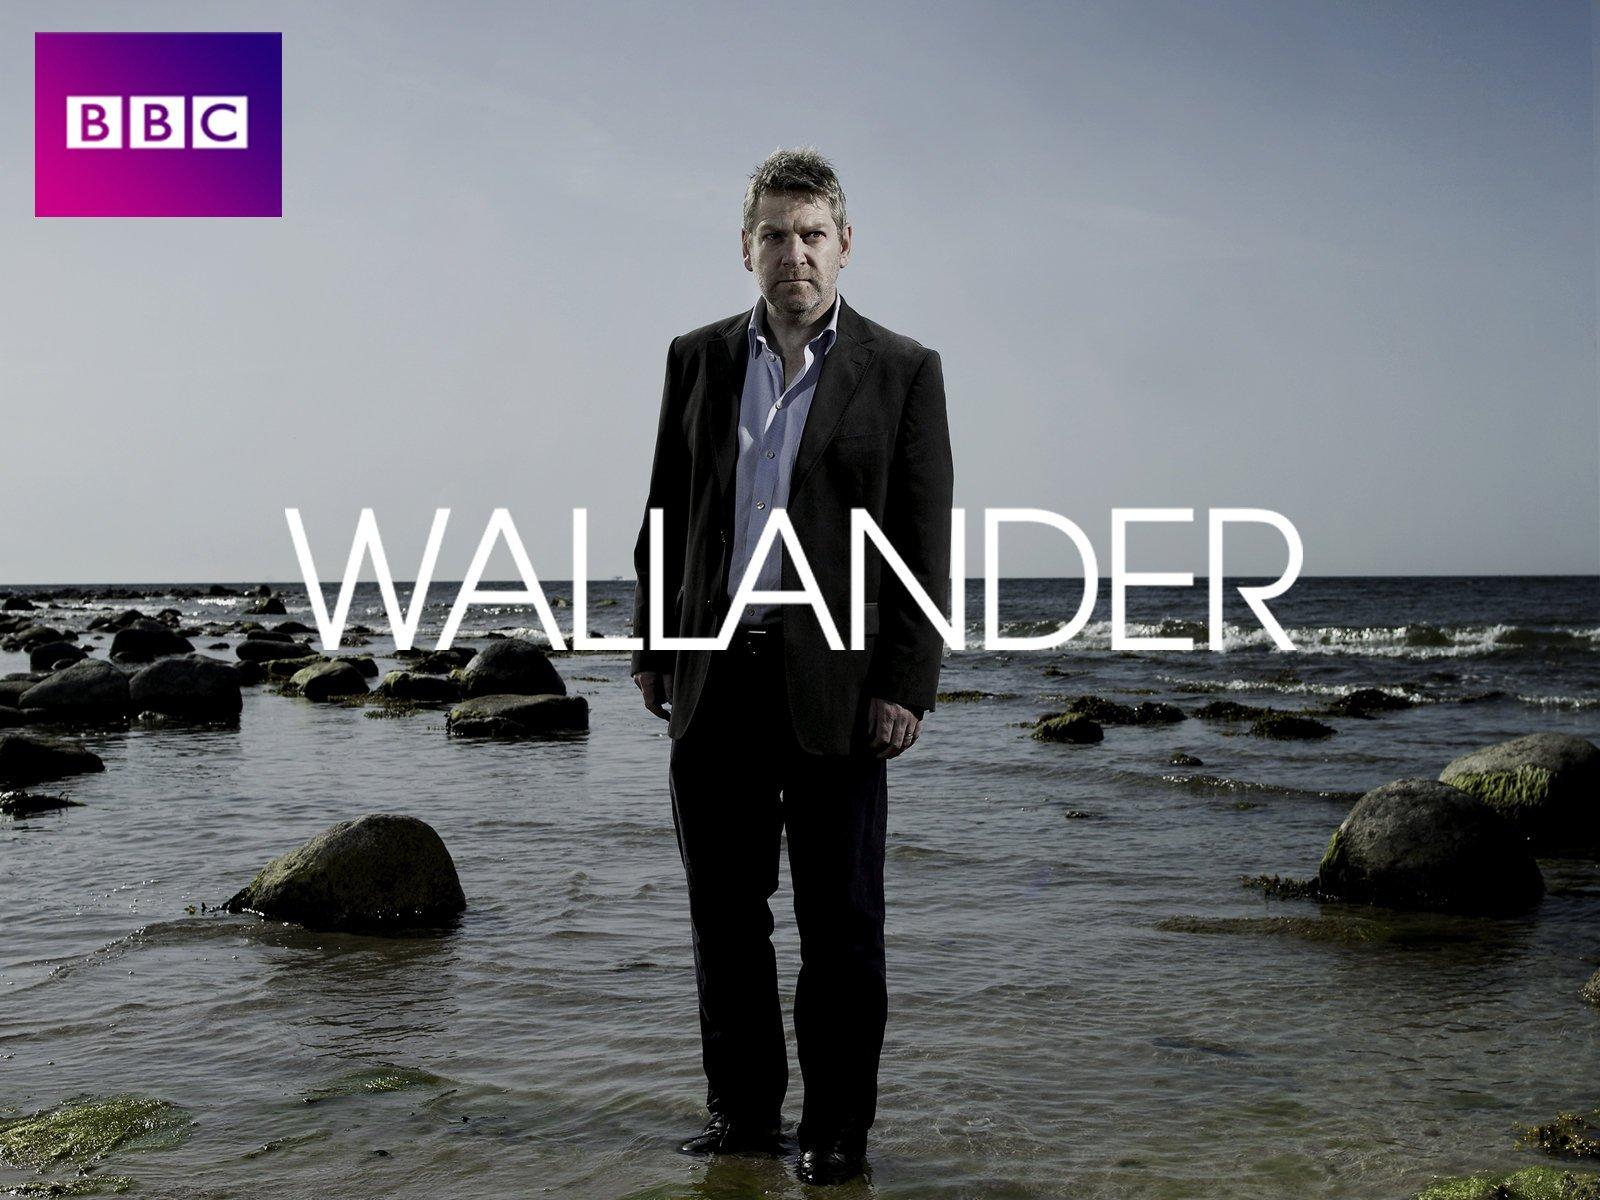 Znalezione obrazy dla zapytania wallander bbc